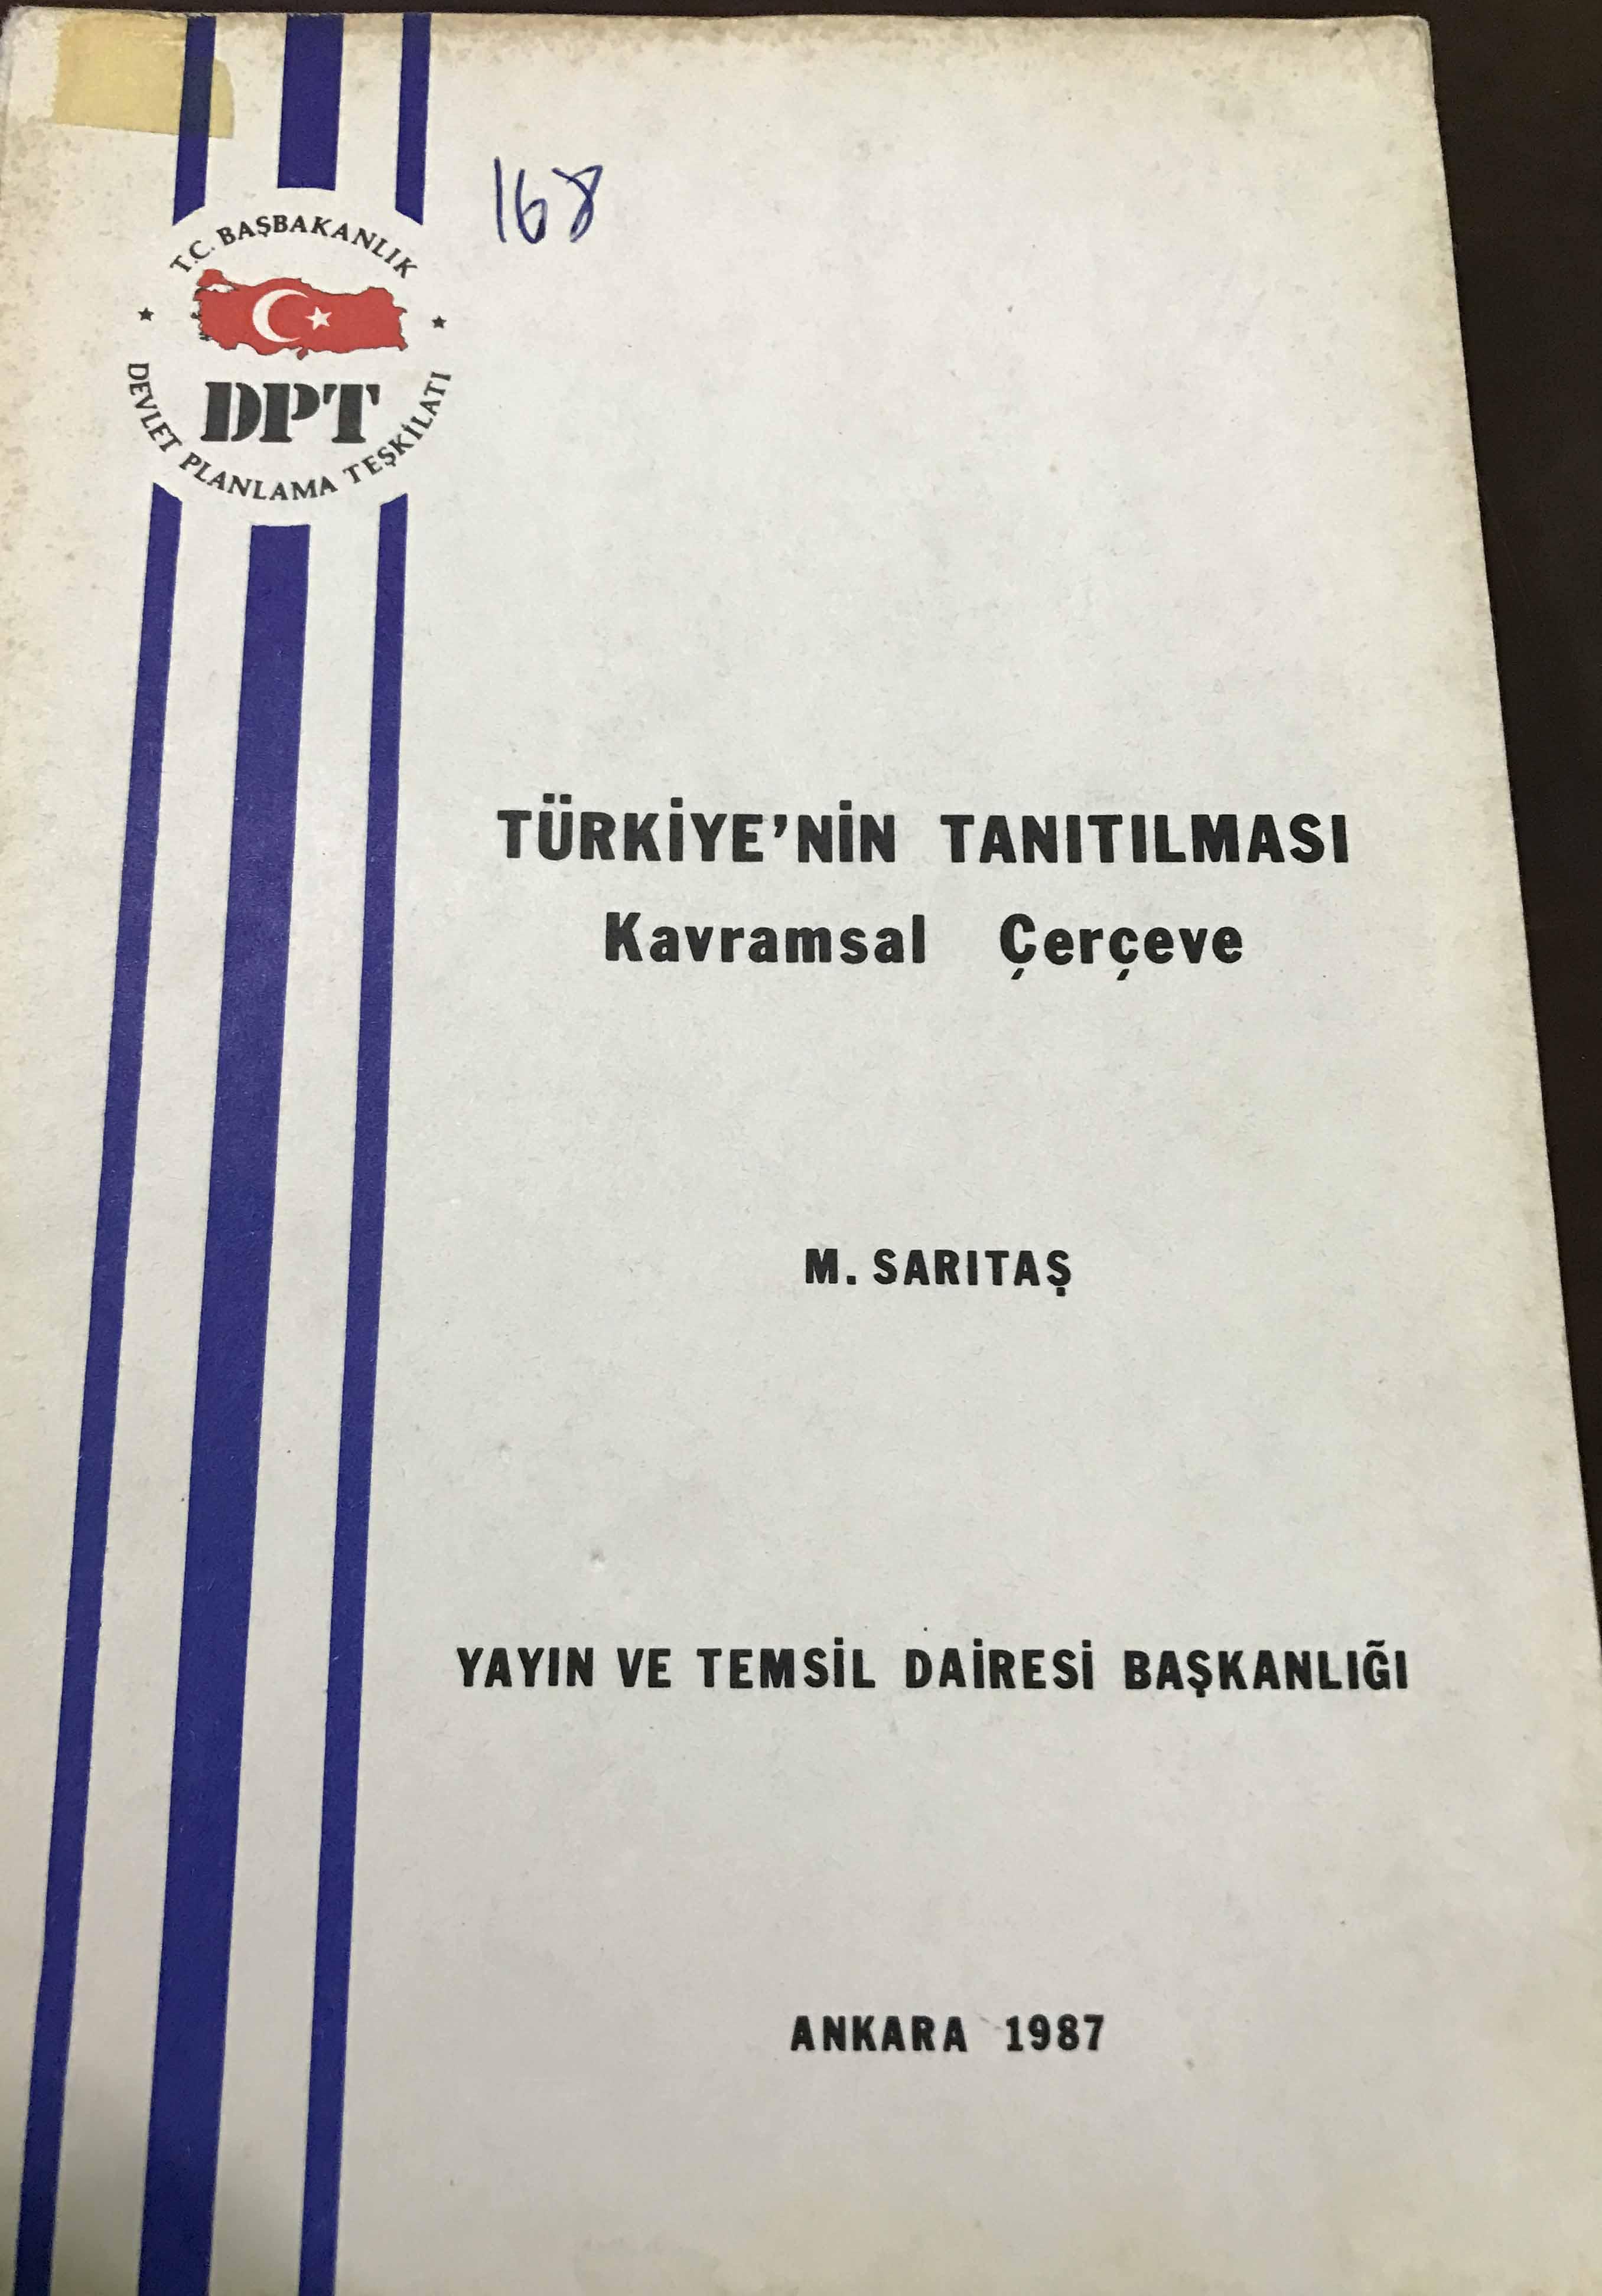 Türkiye'nin Tanıtılması: Kavramsal Çerçeve Kitap Kapağı